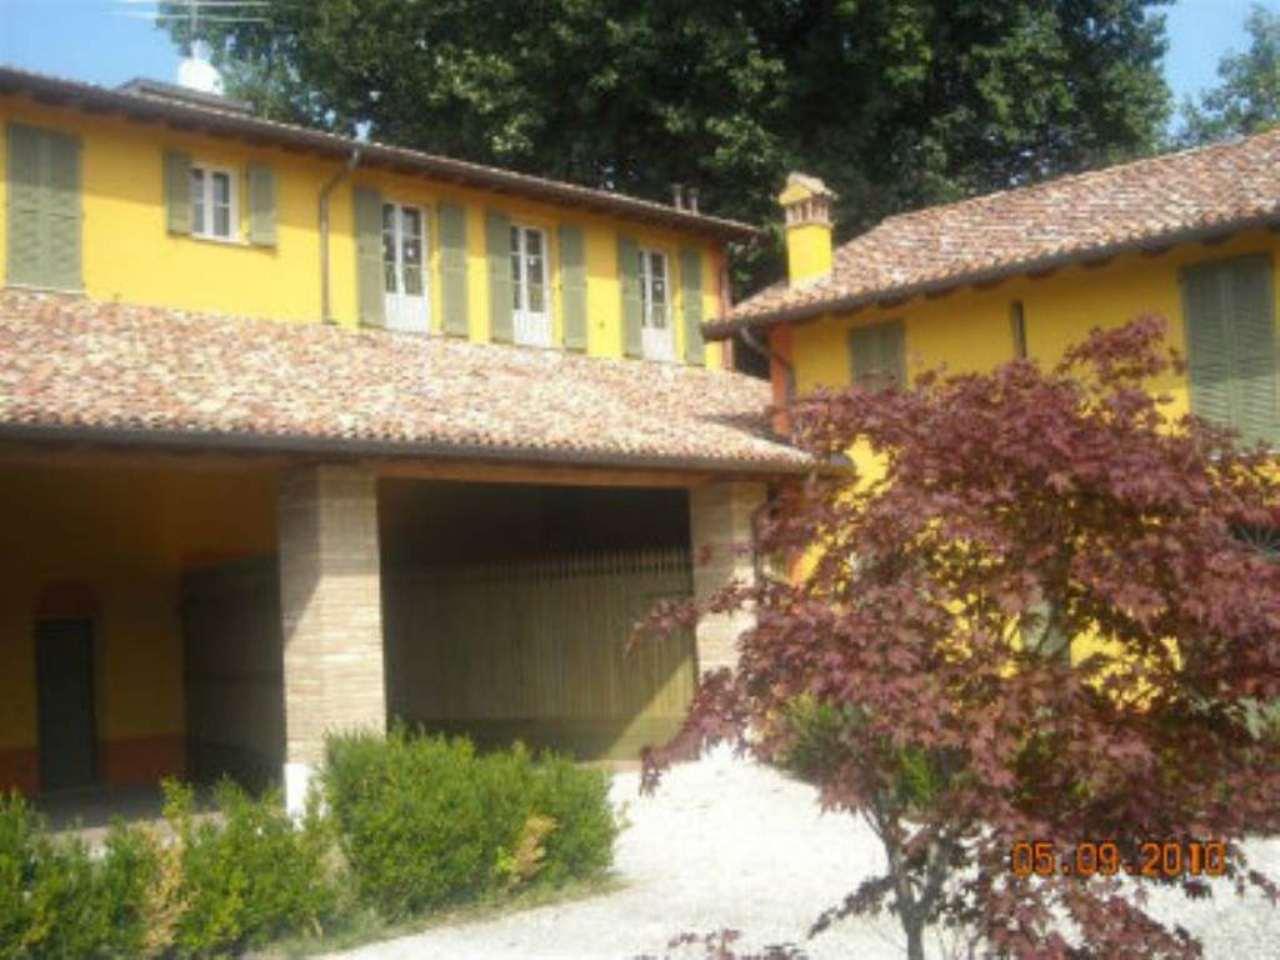 Rustico / Casale in vendita a Capergnanica, 4 locali, prezzo € 180.000 | Cambio Casa.it